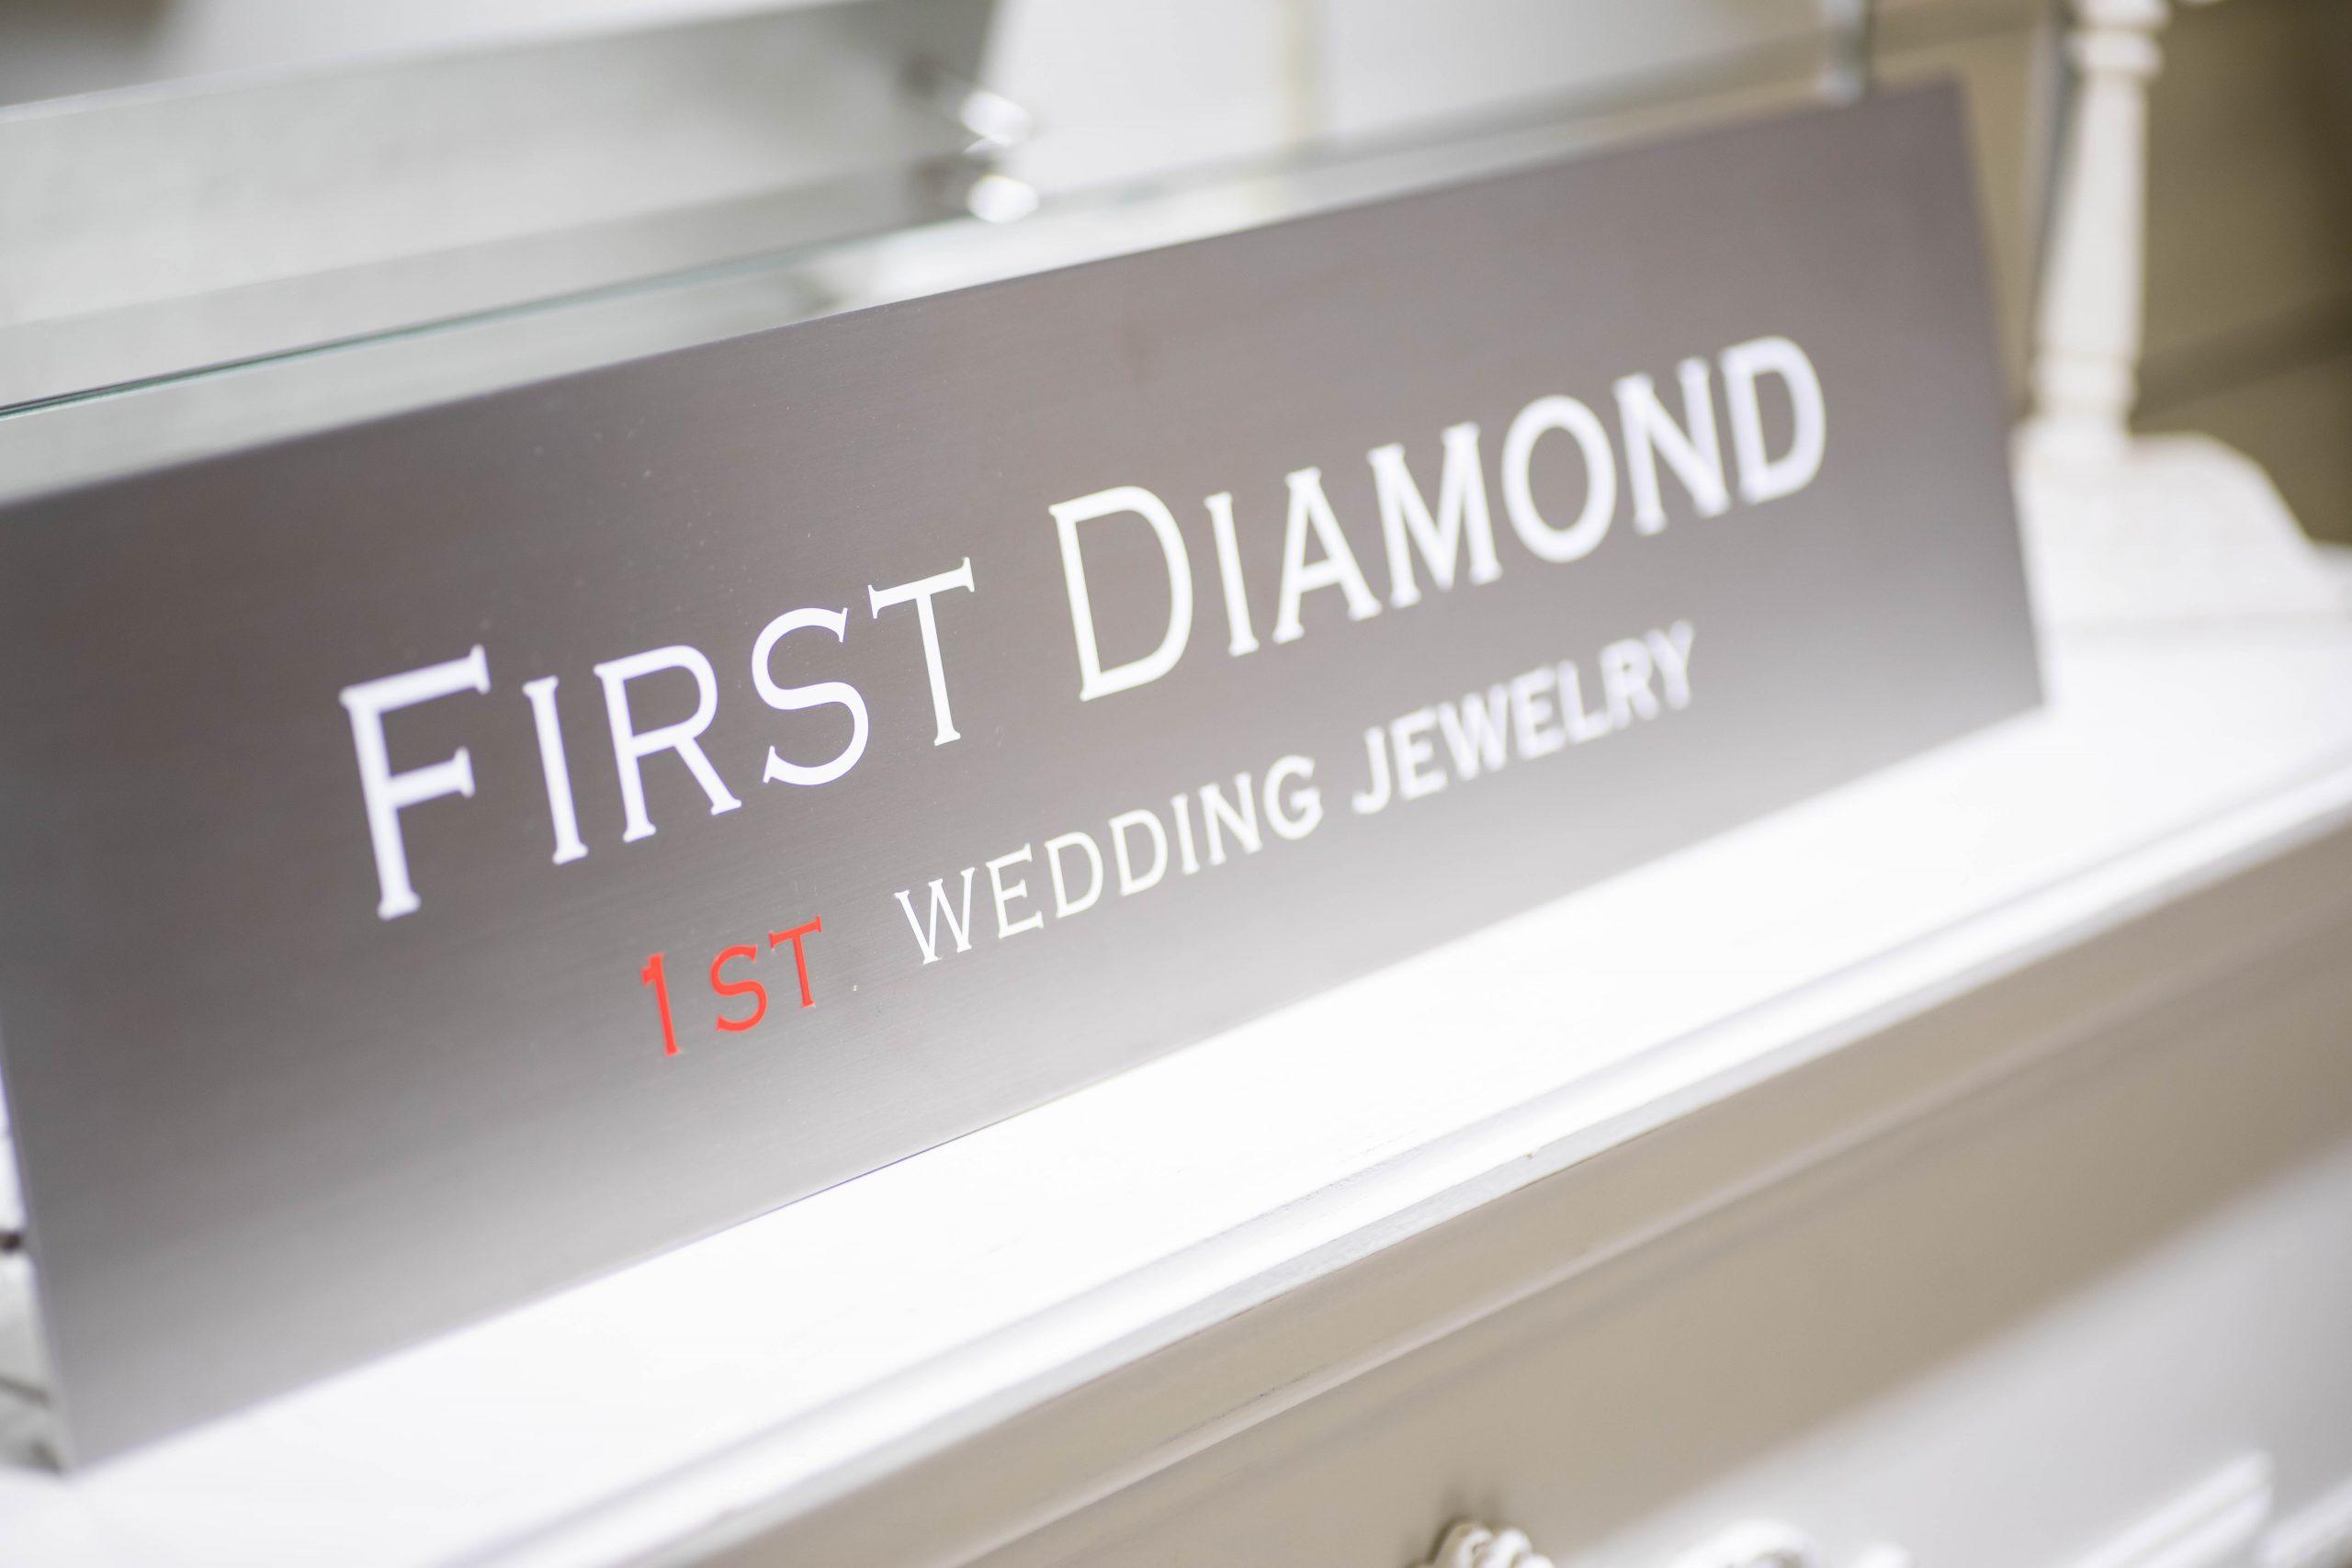 ハワイアンジュエリーのご相談はファーストダイヤモンド静岡